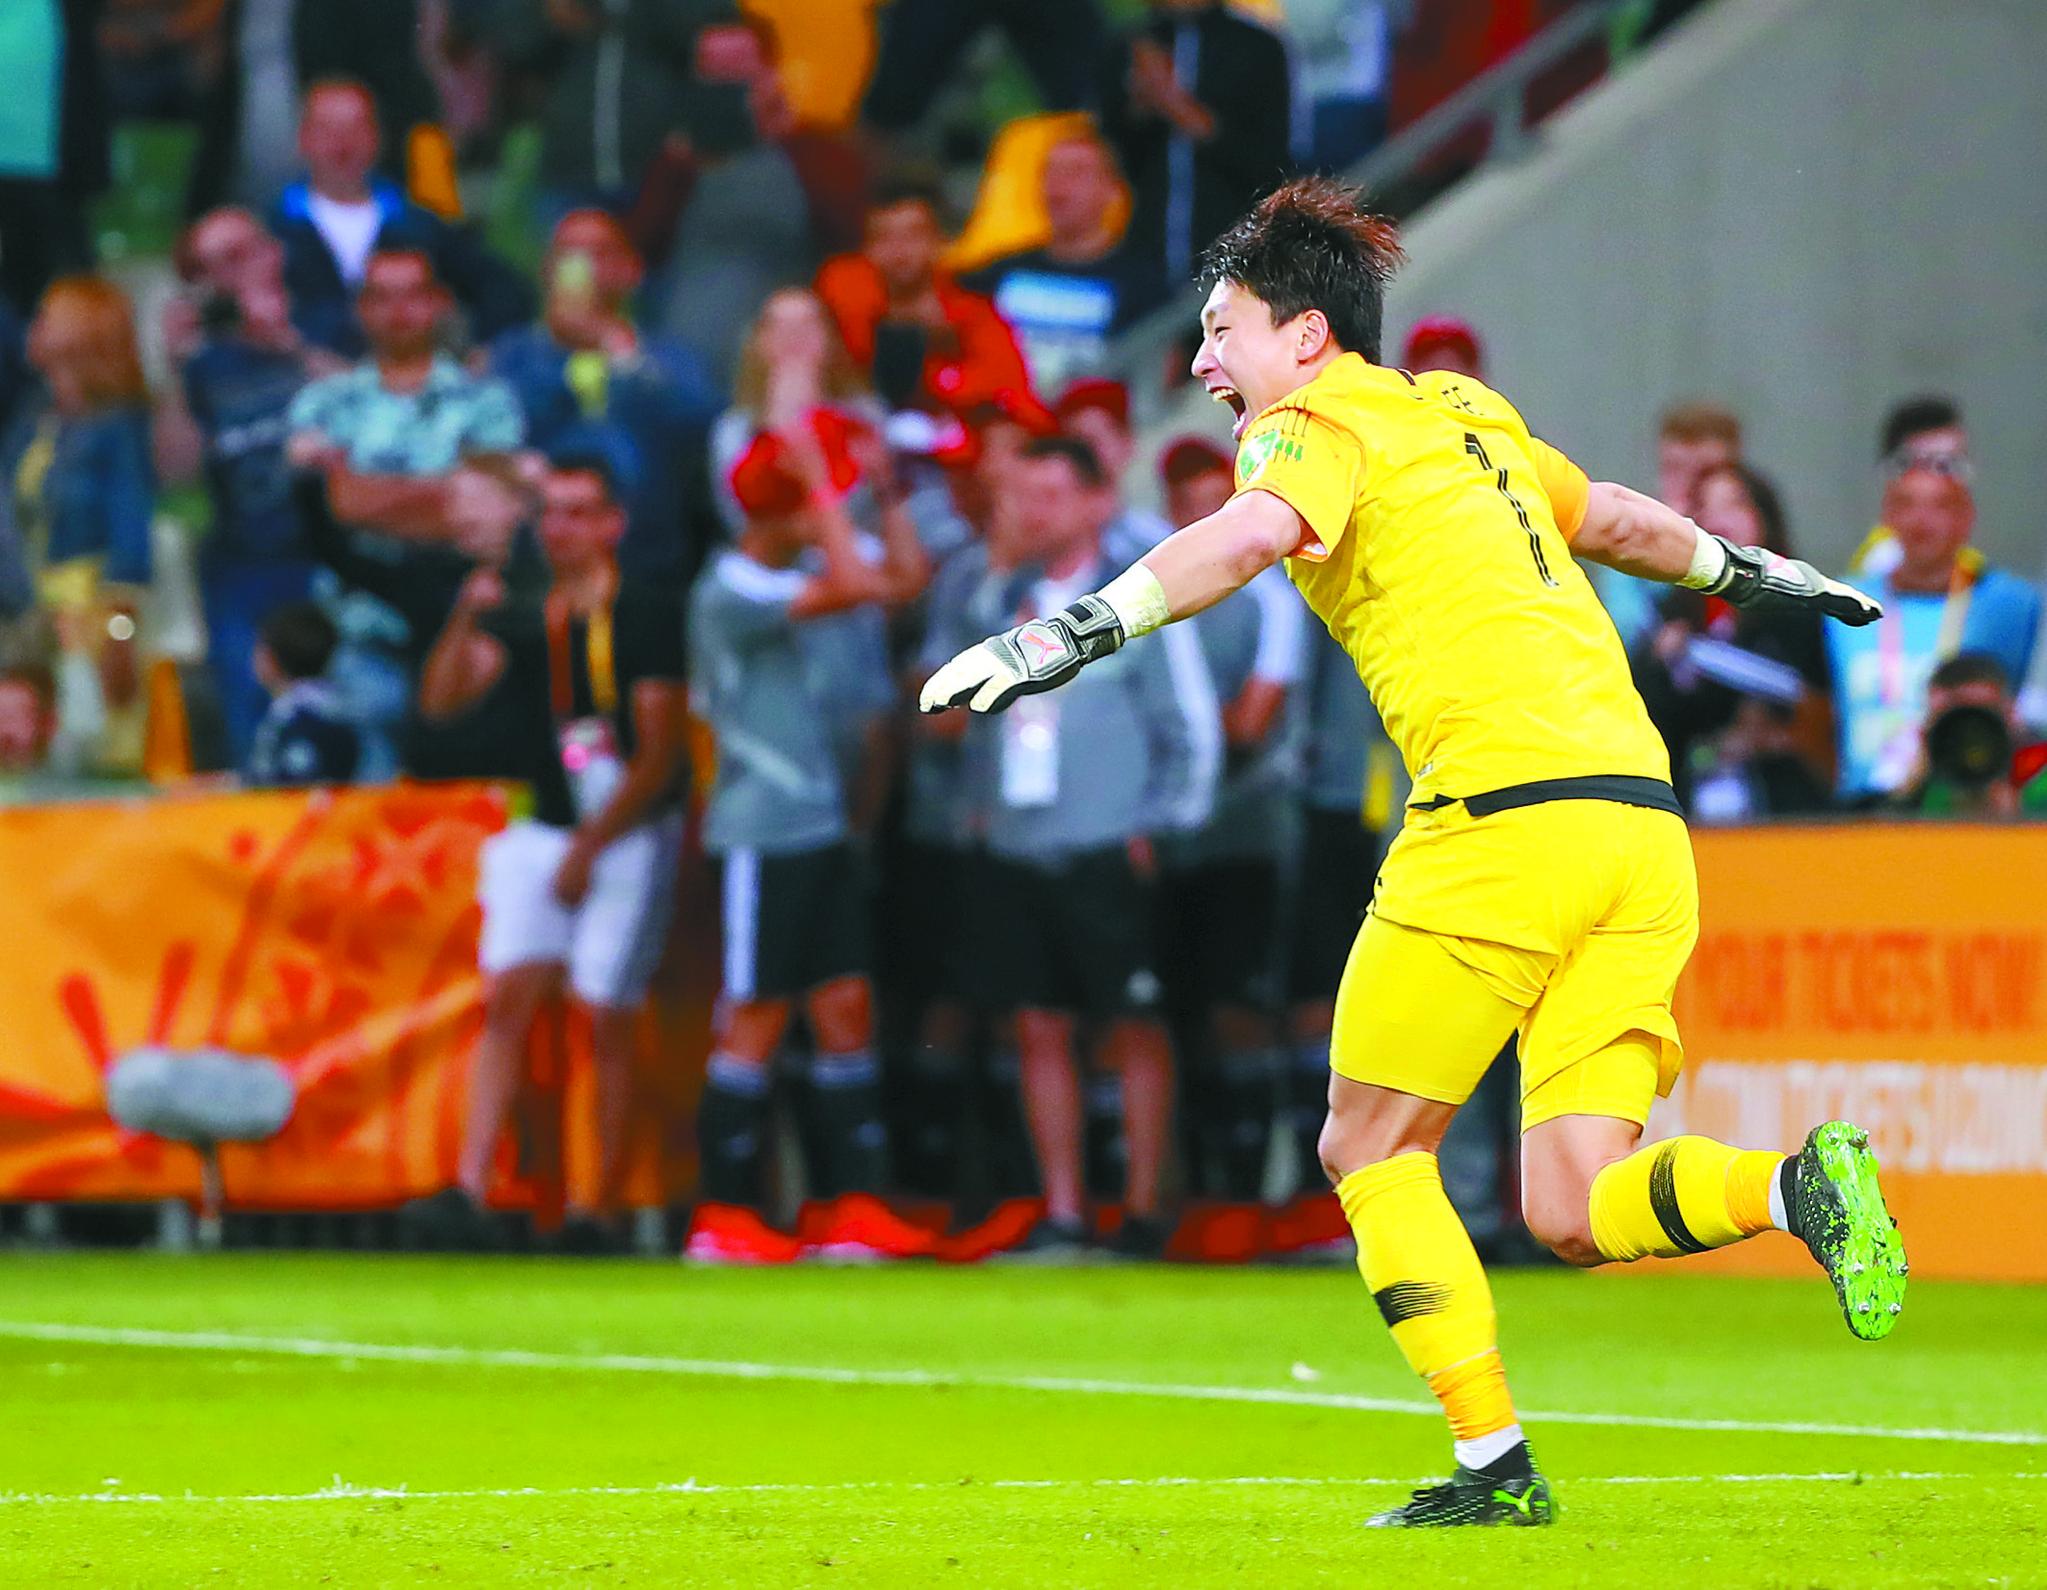 이광연이 9일 U-20 월드컵 세네갈과 8강전에서 승부차기 승리를 이끈 뒤 기뻐하고 있다. 2002년 월드컵 스페인전 승리를 이끈 이운재처럼 이광연은 이날 환한 미소를 보여줬다. [연합뉴스]